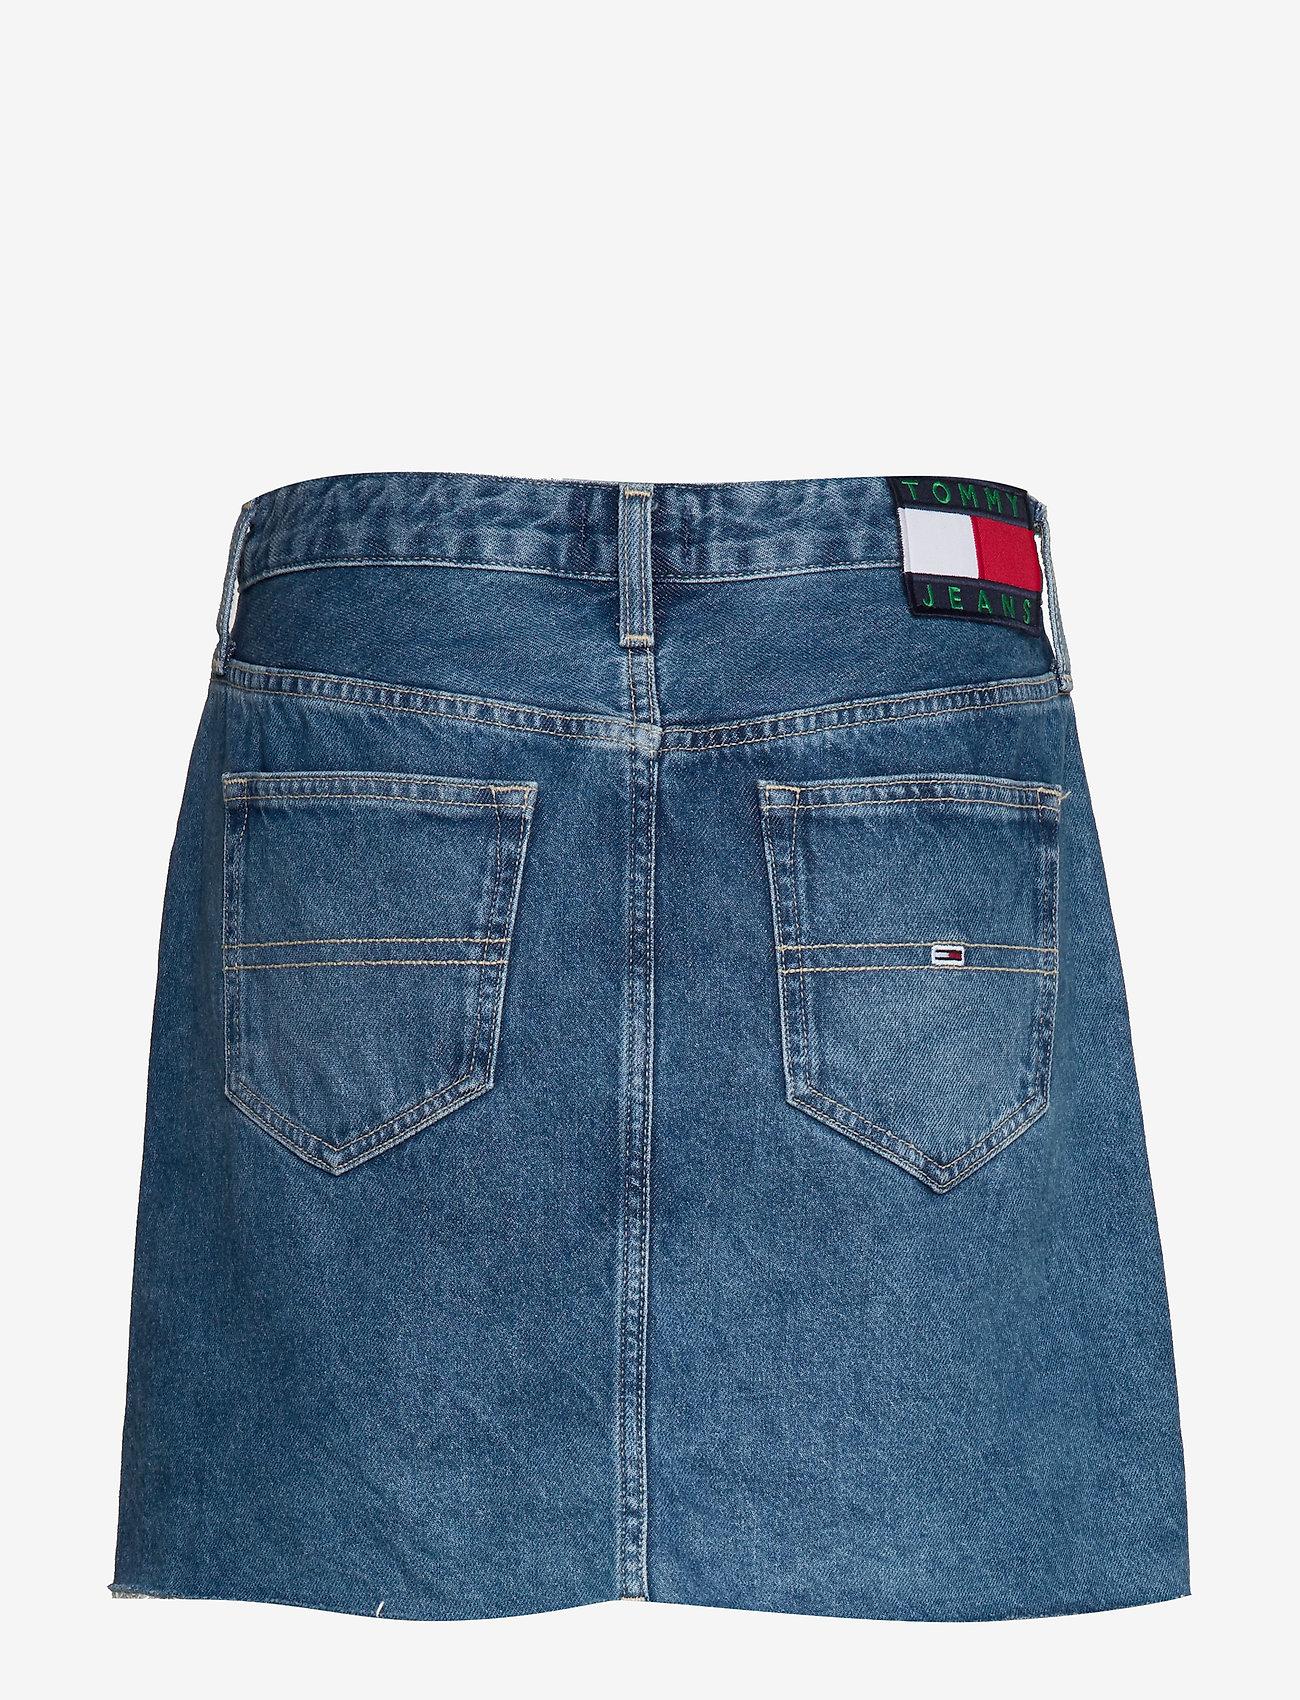 Tommy Jeans - SHORT DENIM SKIRT SV - jupes courtes - save 20 mid bl rig - 1